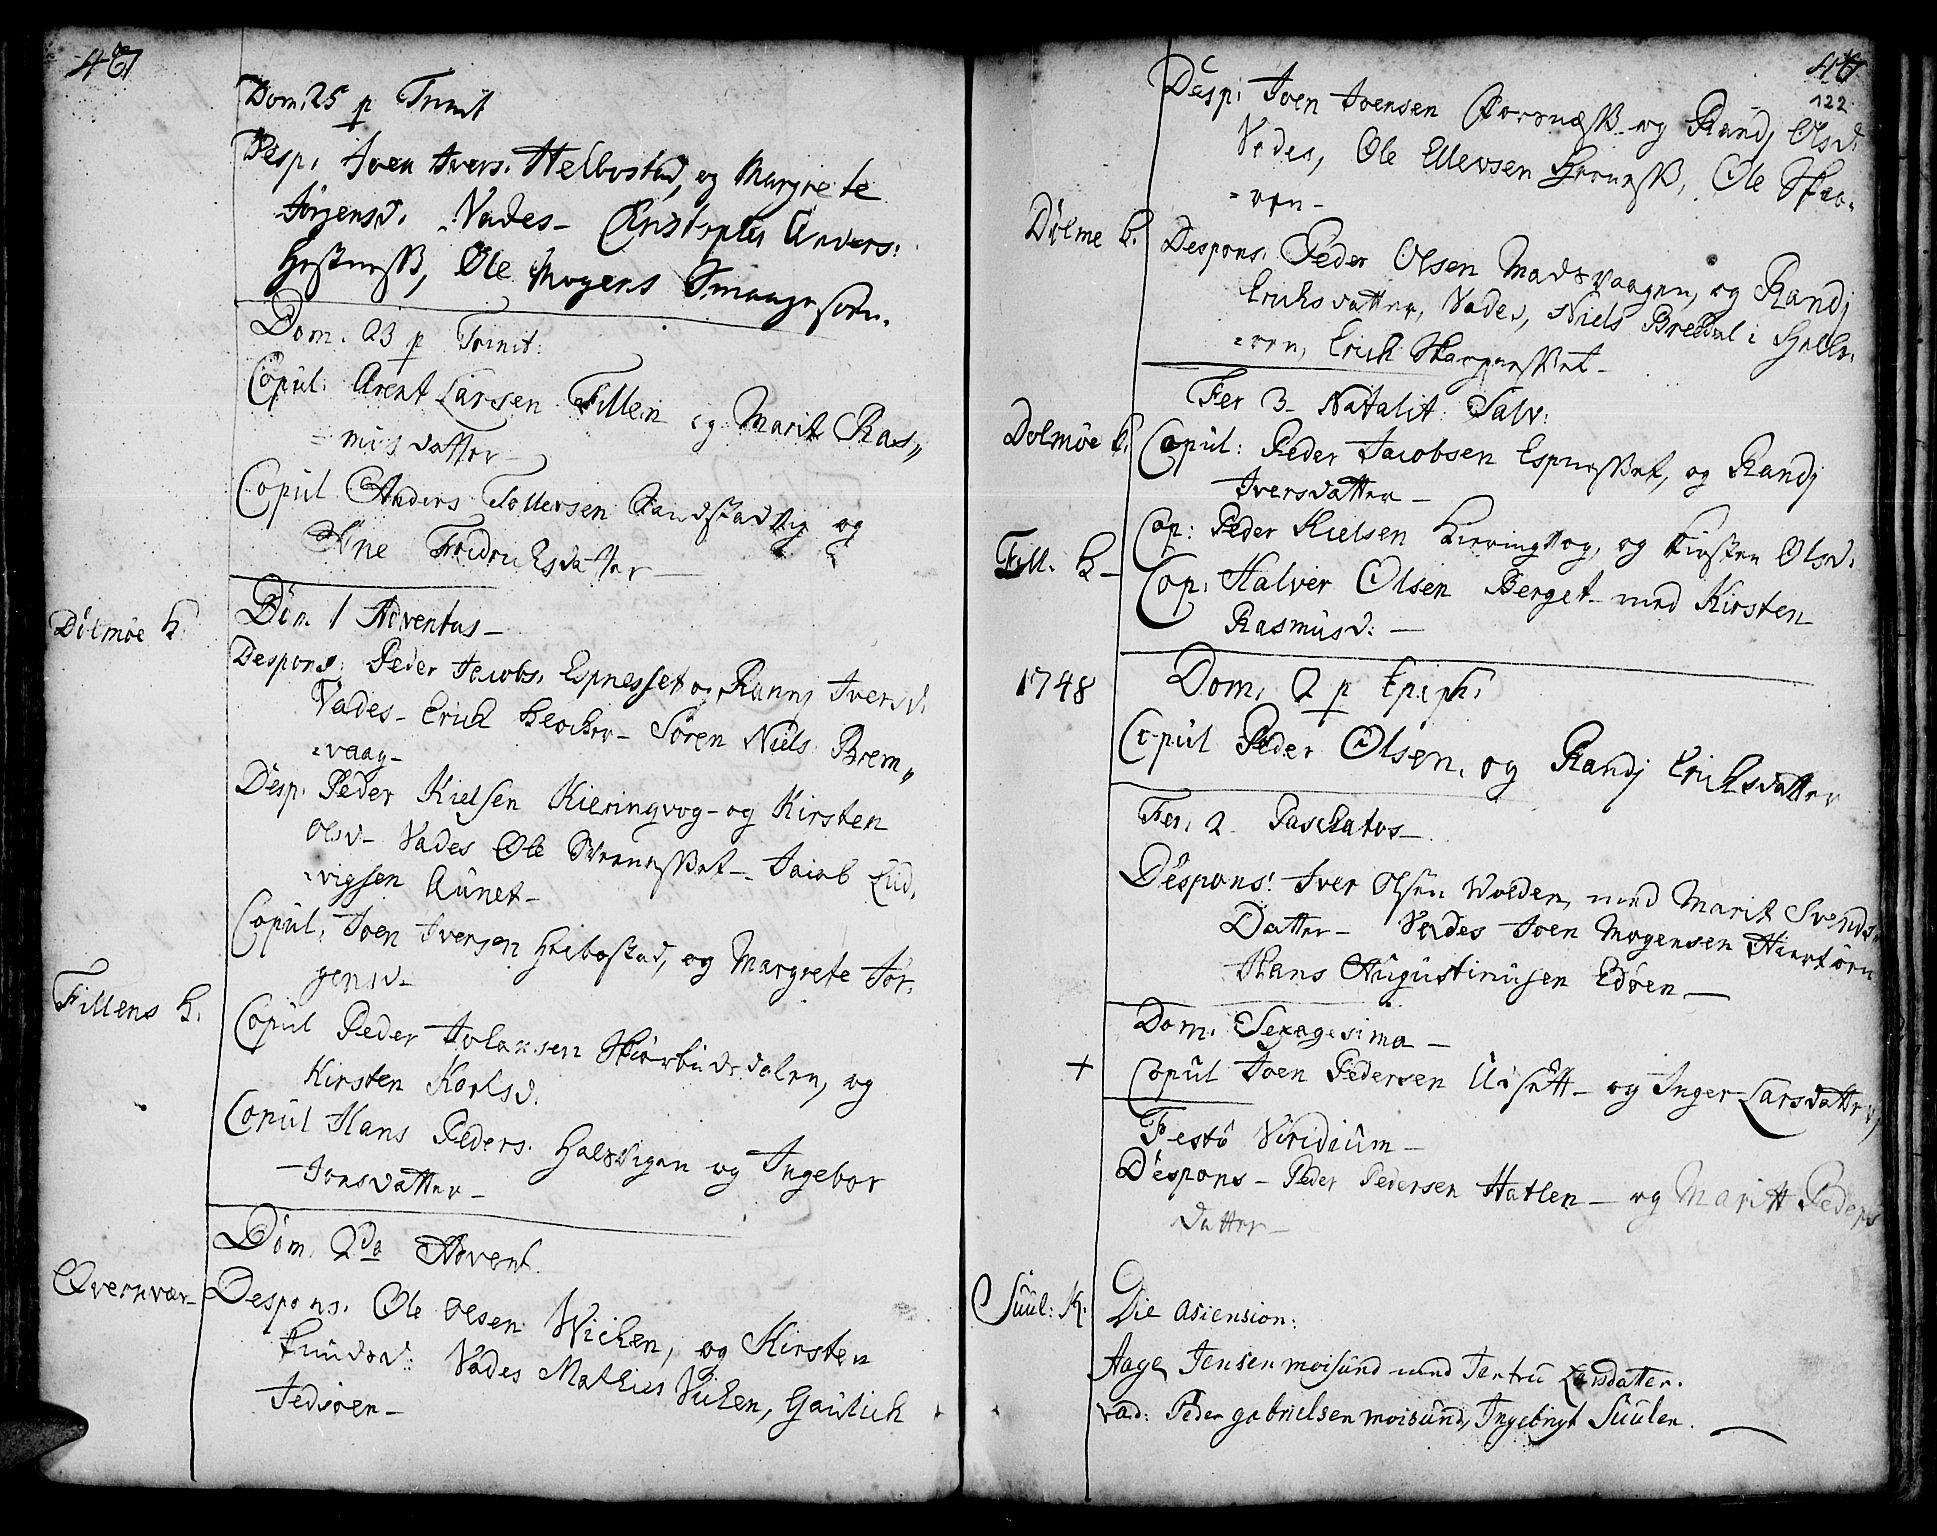 SAT, Ministerialprotokoller, klokkerbøker og fødselsregistre - Sør-Trøndelag, 634/L0525: Ministerialbok nr. 634A01, 1736-1775, s. 122